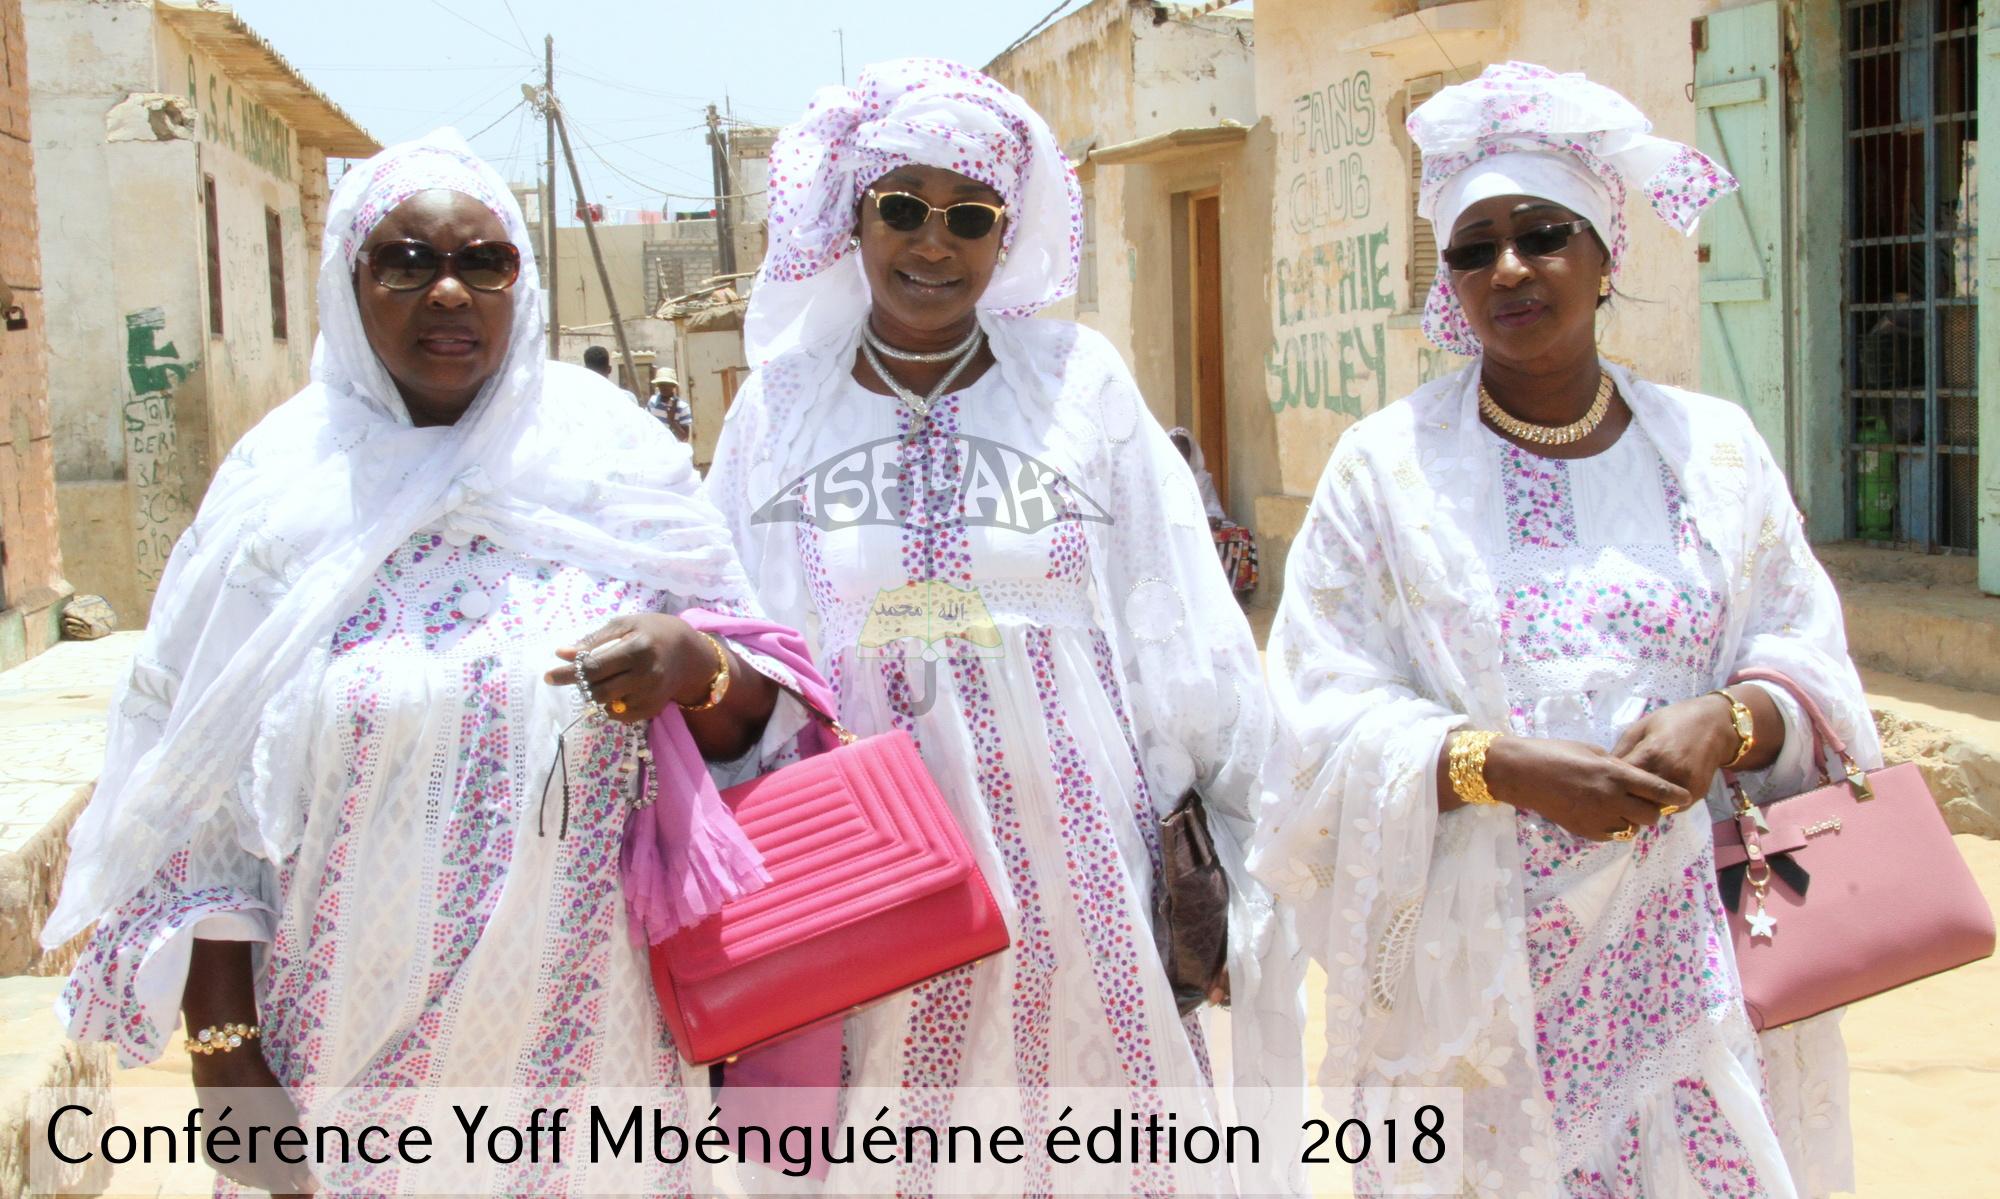 PHOTOS - YOFF MBENGUENE - Les Images de la Conférence Annuelle edition 2018 du Mouvement Tidiane de Concertation et d'action (MTCA) et le Mouvement d'Entraide Islamique (MEI)